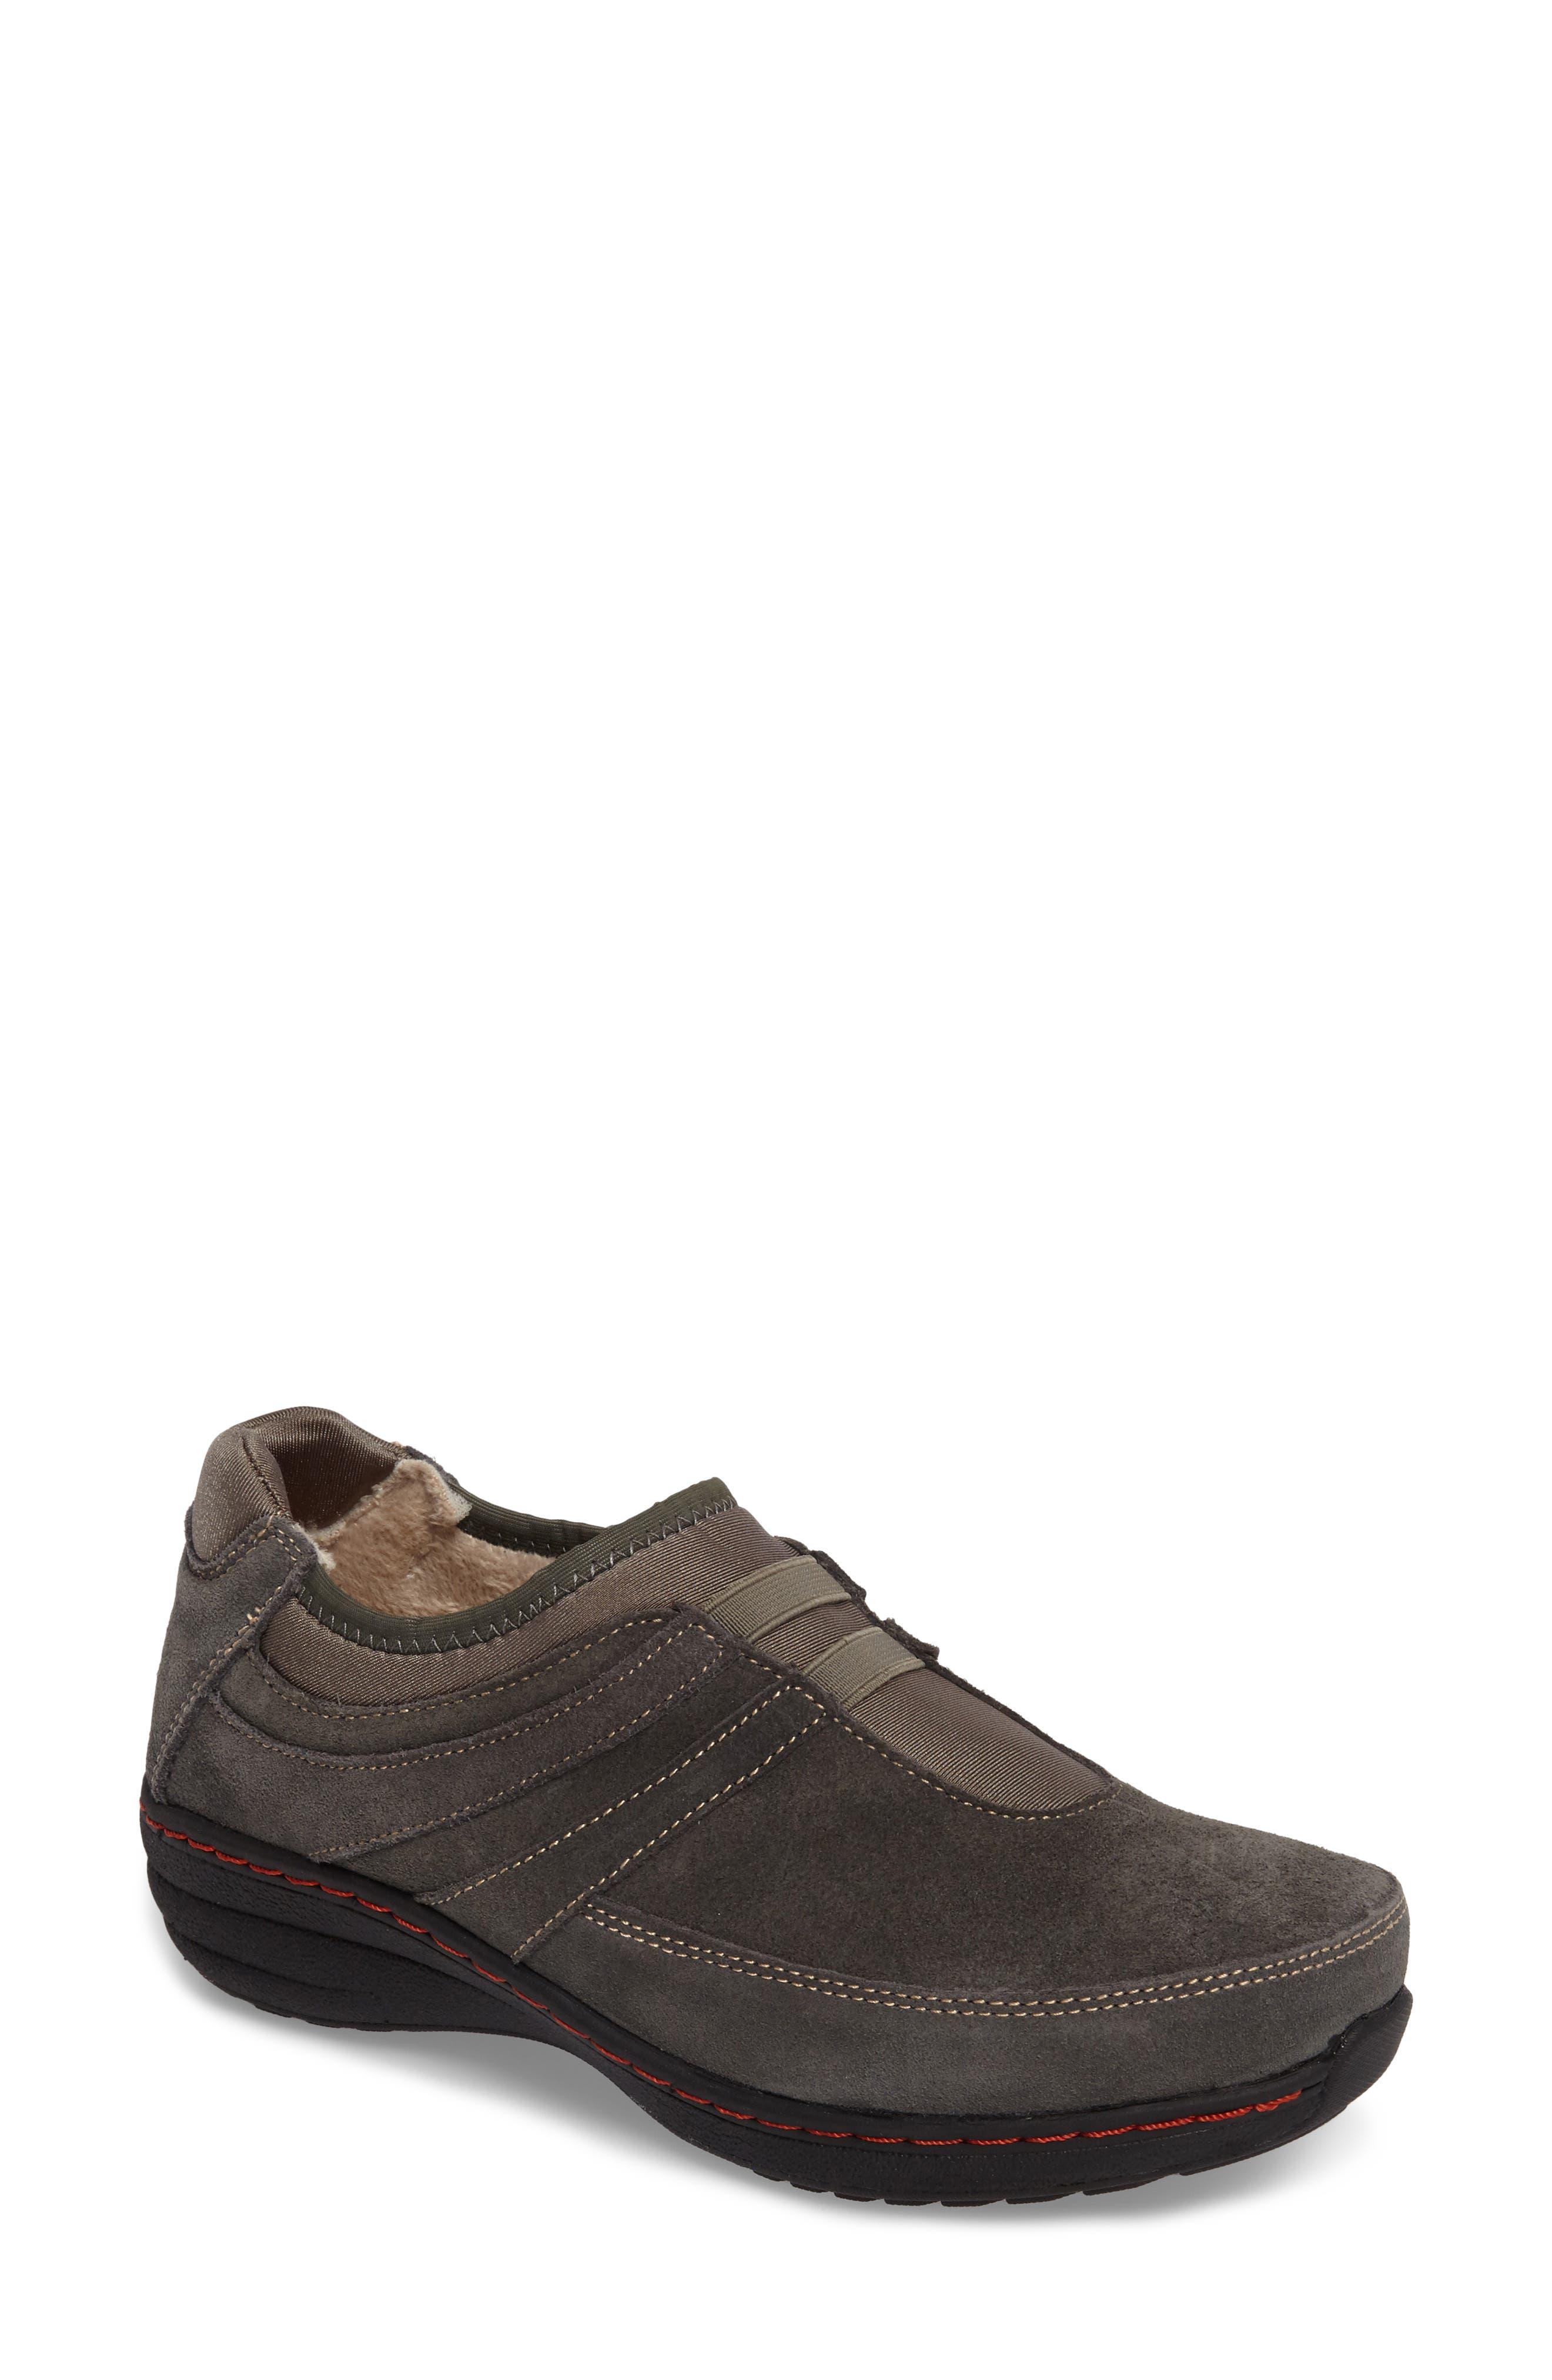 Aetrex Berries Slip-On Sneaker, Purple